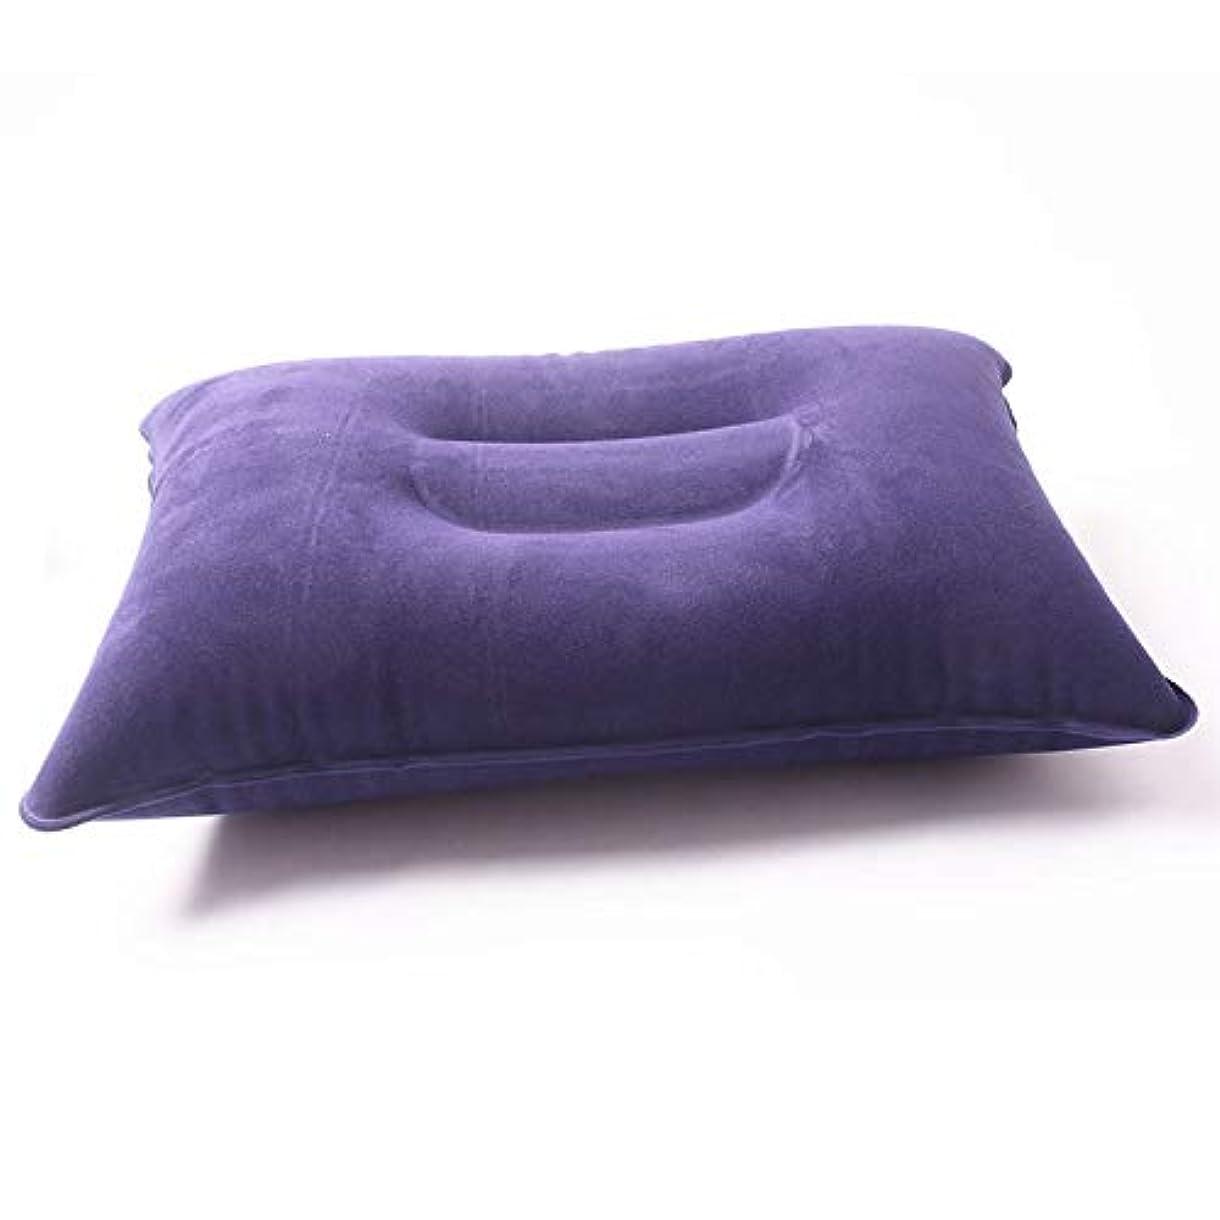 そよ風憎しみ呪いGaoominy 屋外の携帯用折る空気膨脹可能な枕 両面フロッキングクッション トラベルプレーンホテルホットワールドワイド ダークブルー